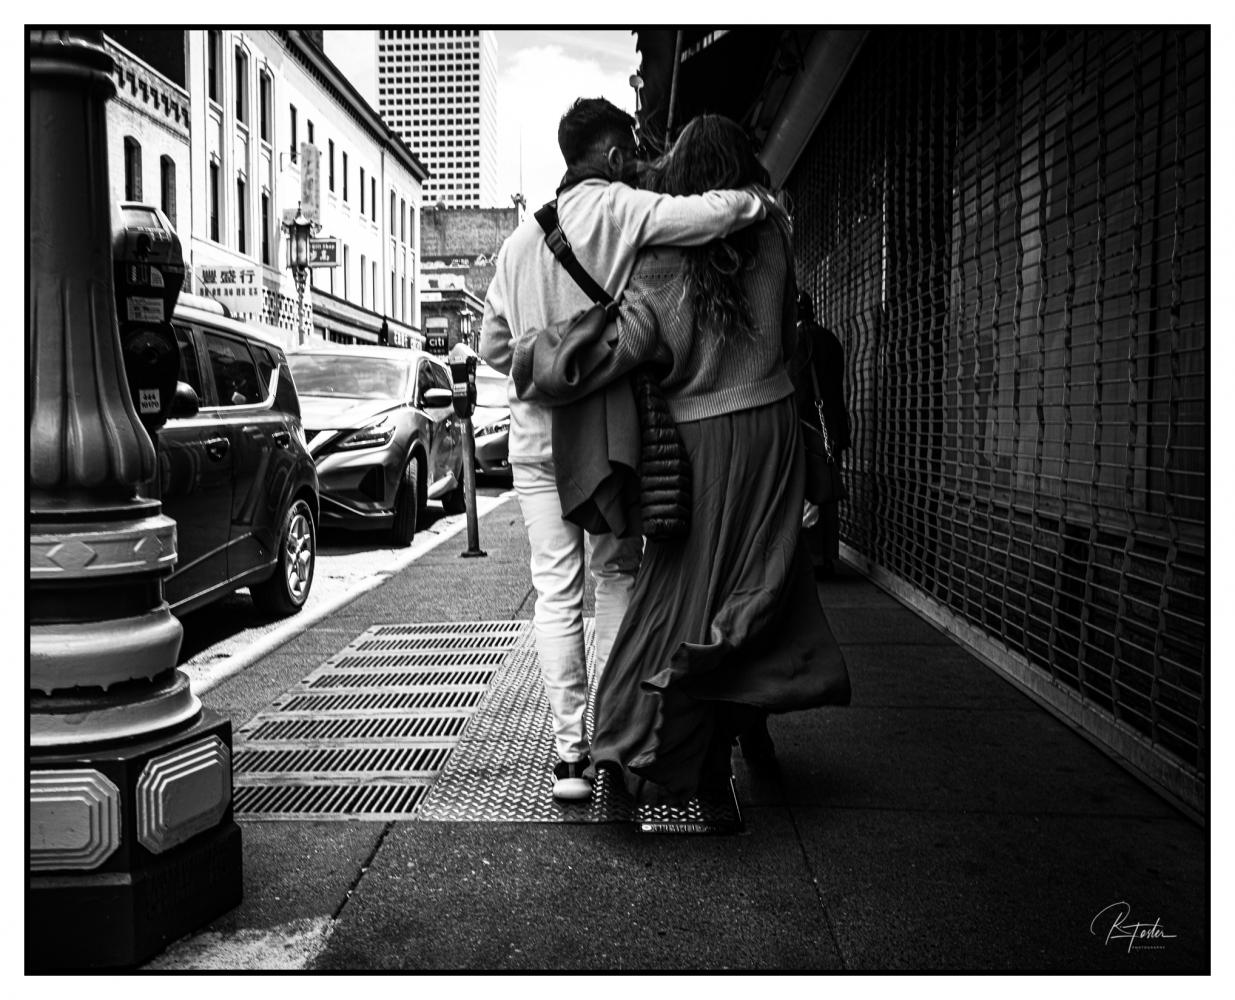 Walking, Talking, & Being, ©2021 Reginald Foster